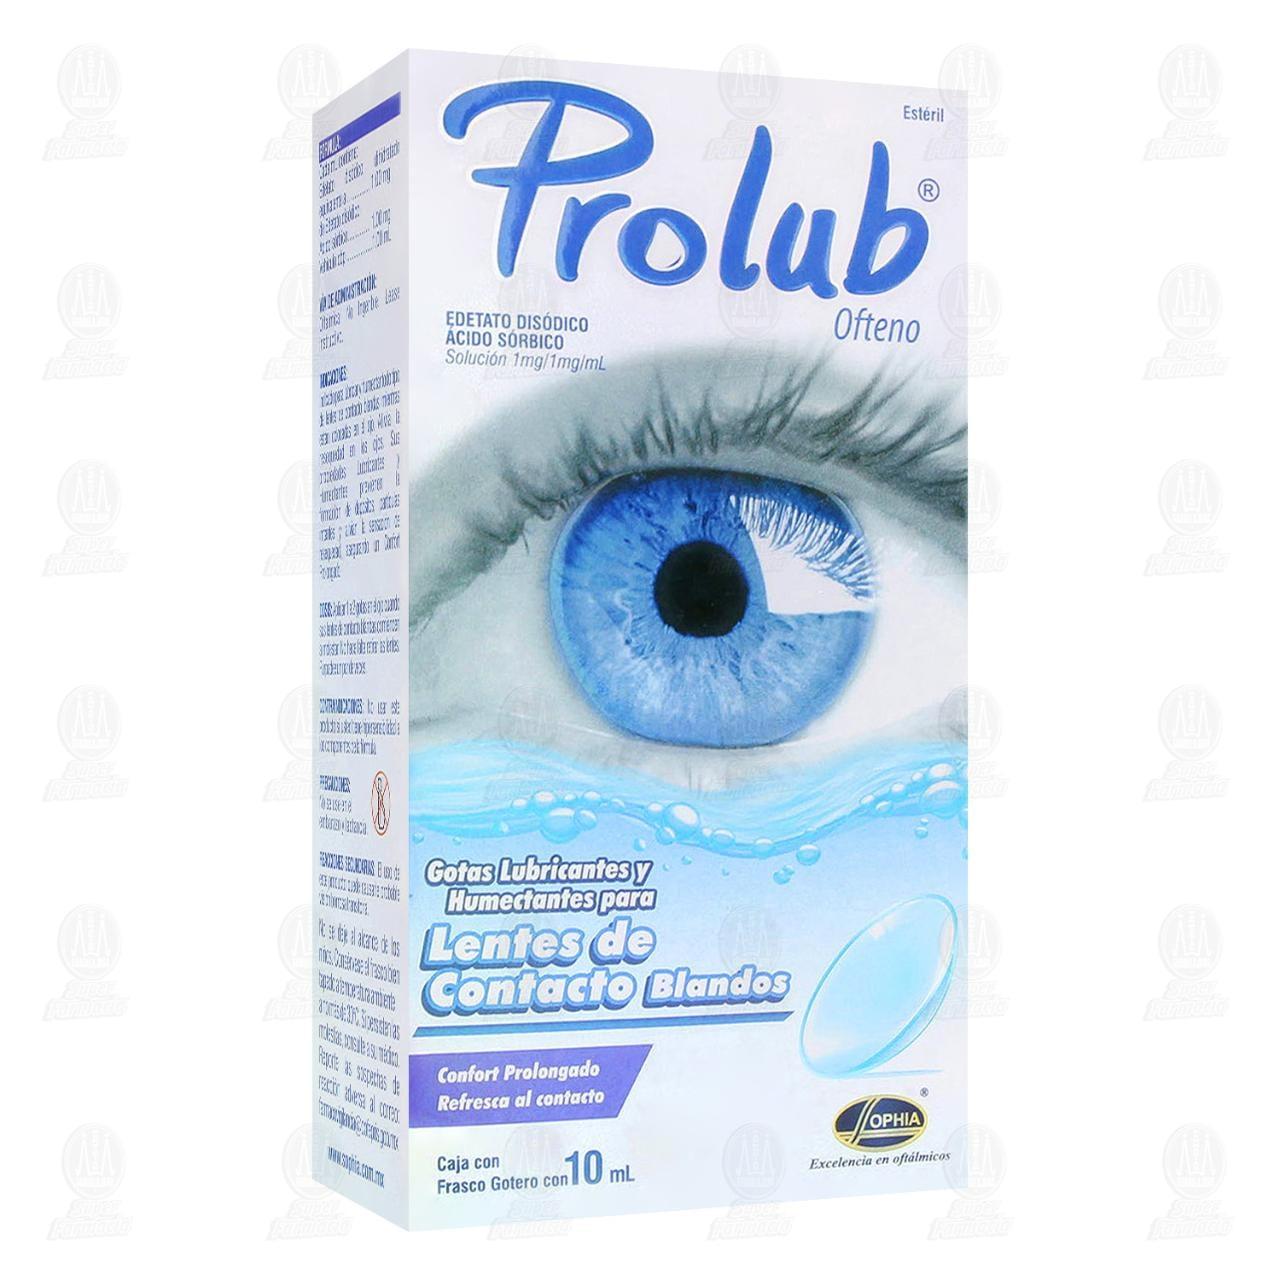 Comprar Prolub Ofteno 1mg/1mg/ml 10ml Gotas Lubricantes para Lentes de Contacto Blandos en Farmacias Guadalajara